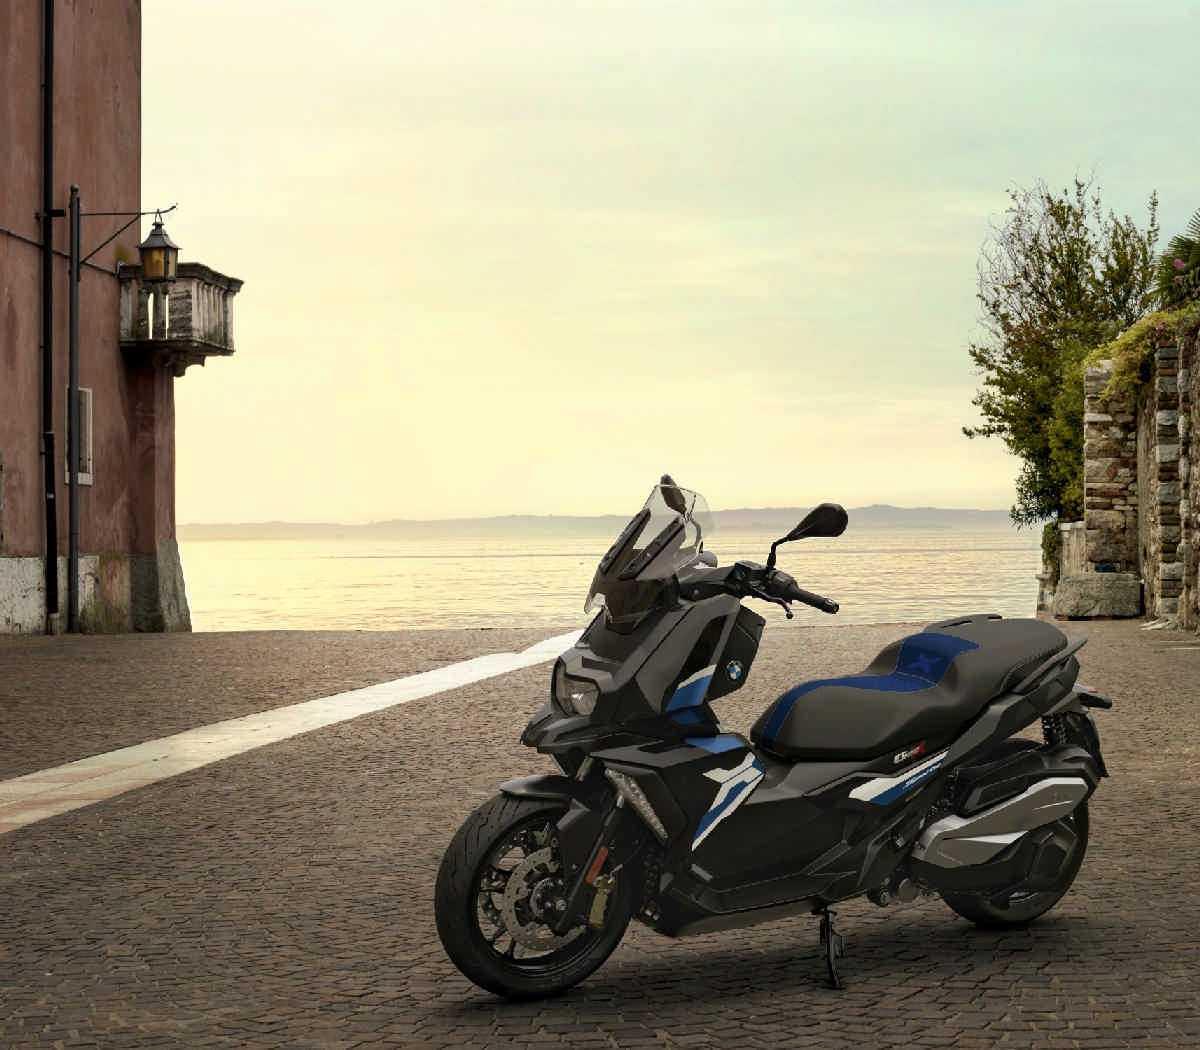 BMWC400X